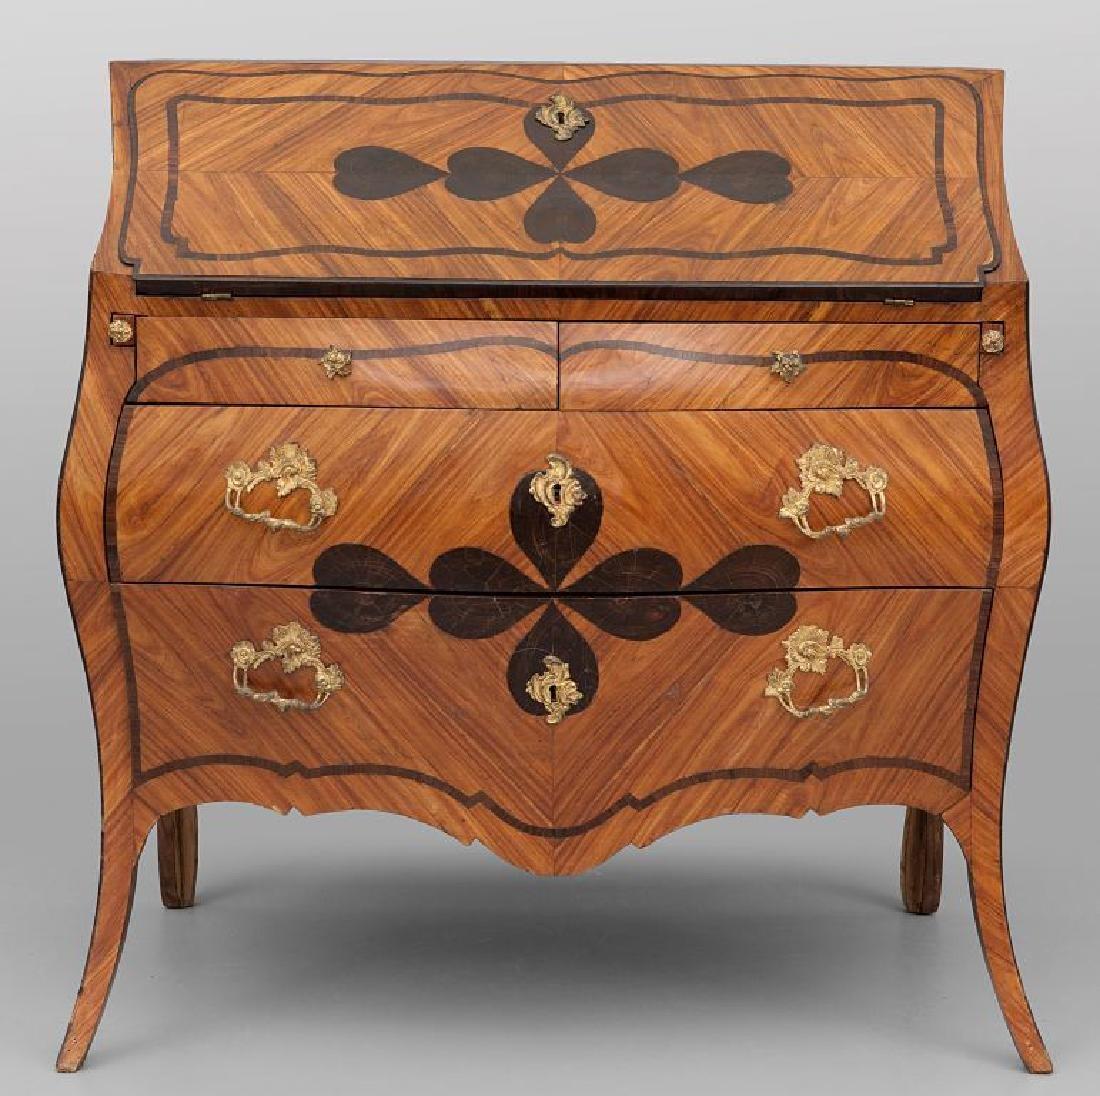 in stile Luigi XV lastronato in legno di